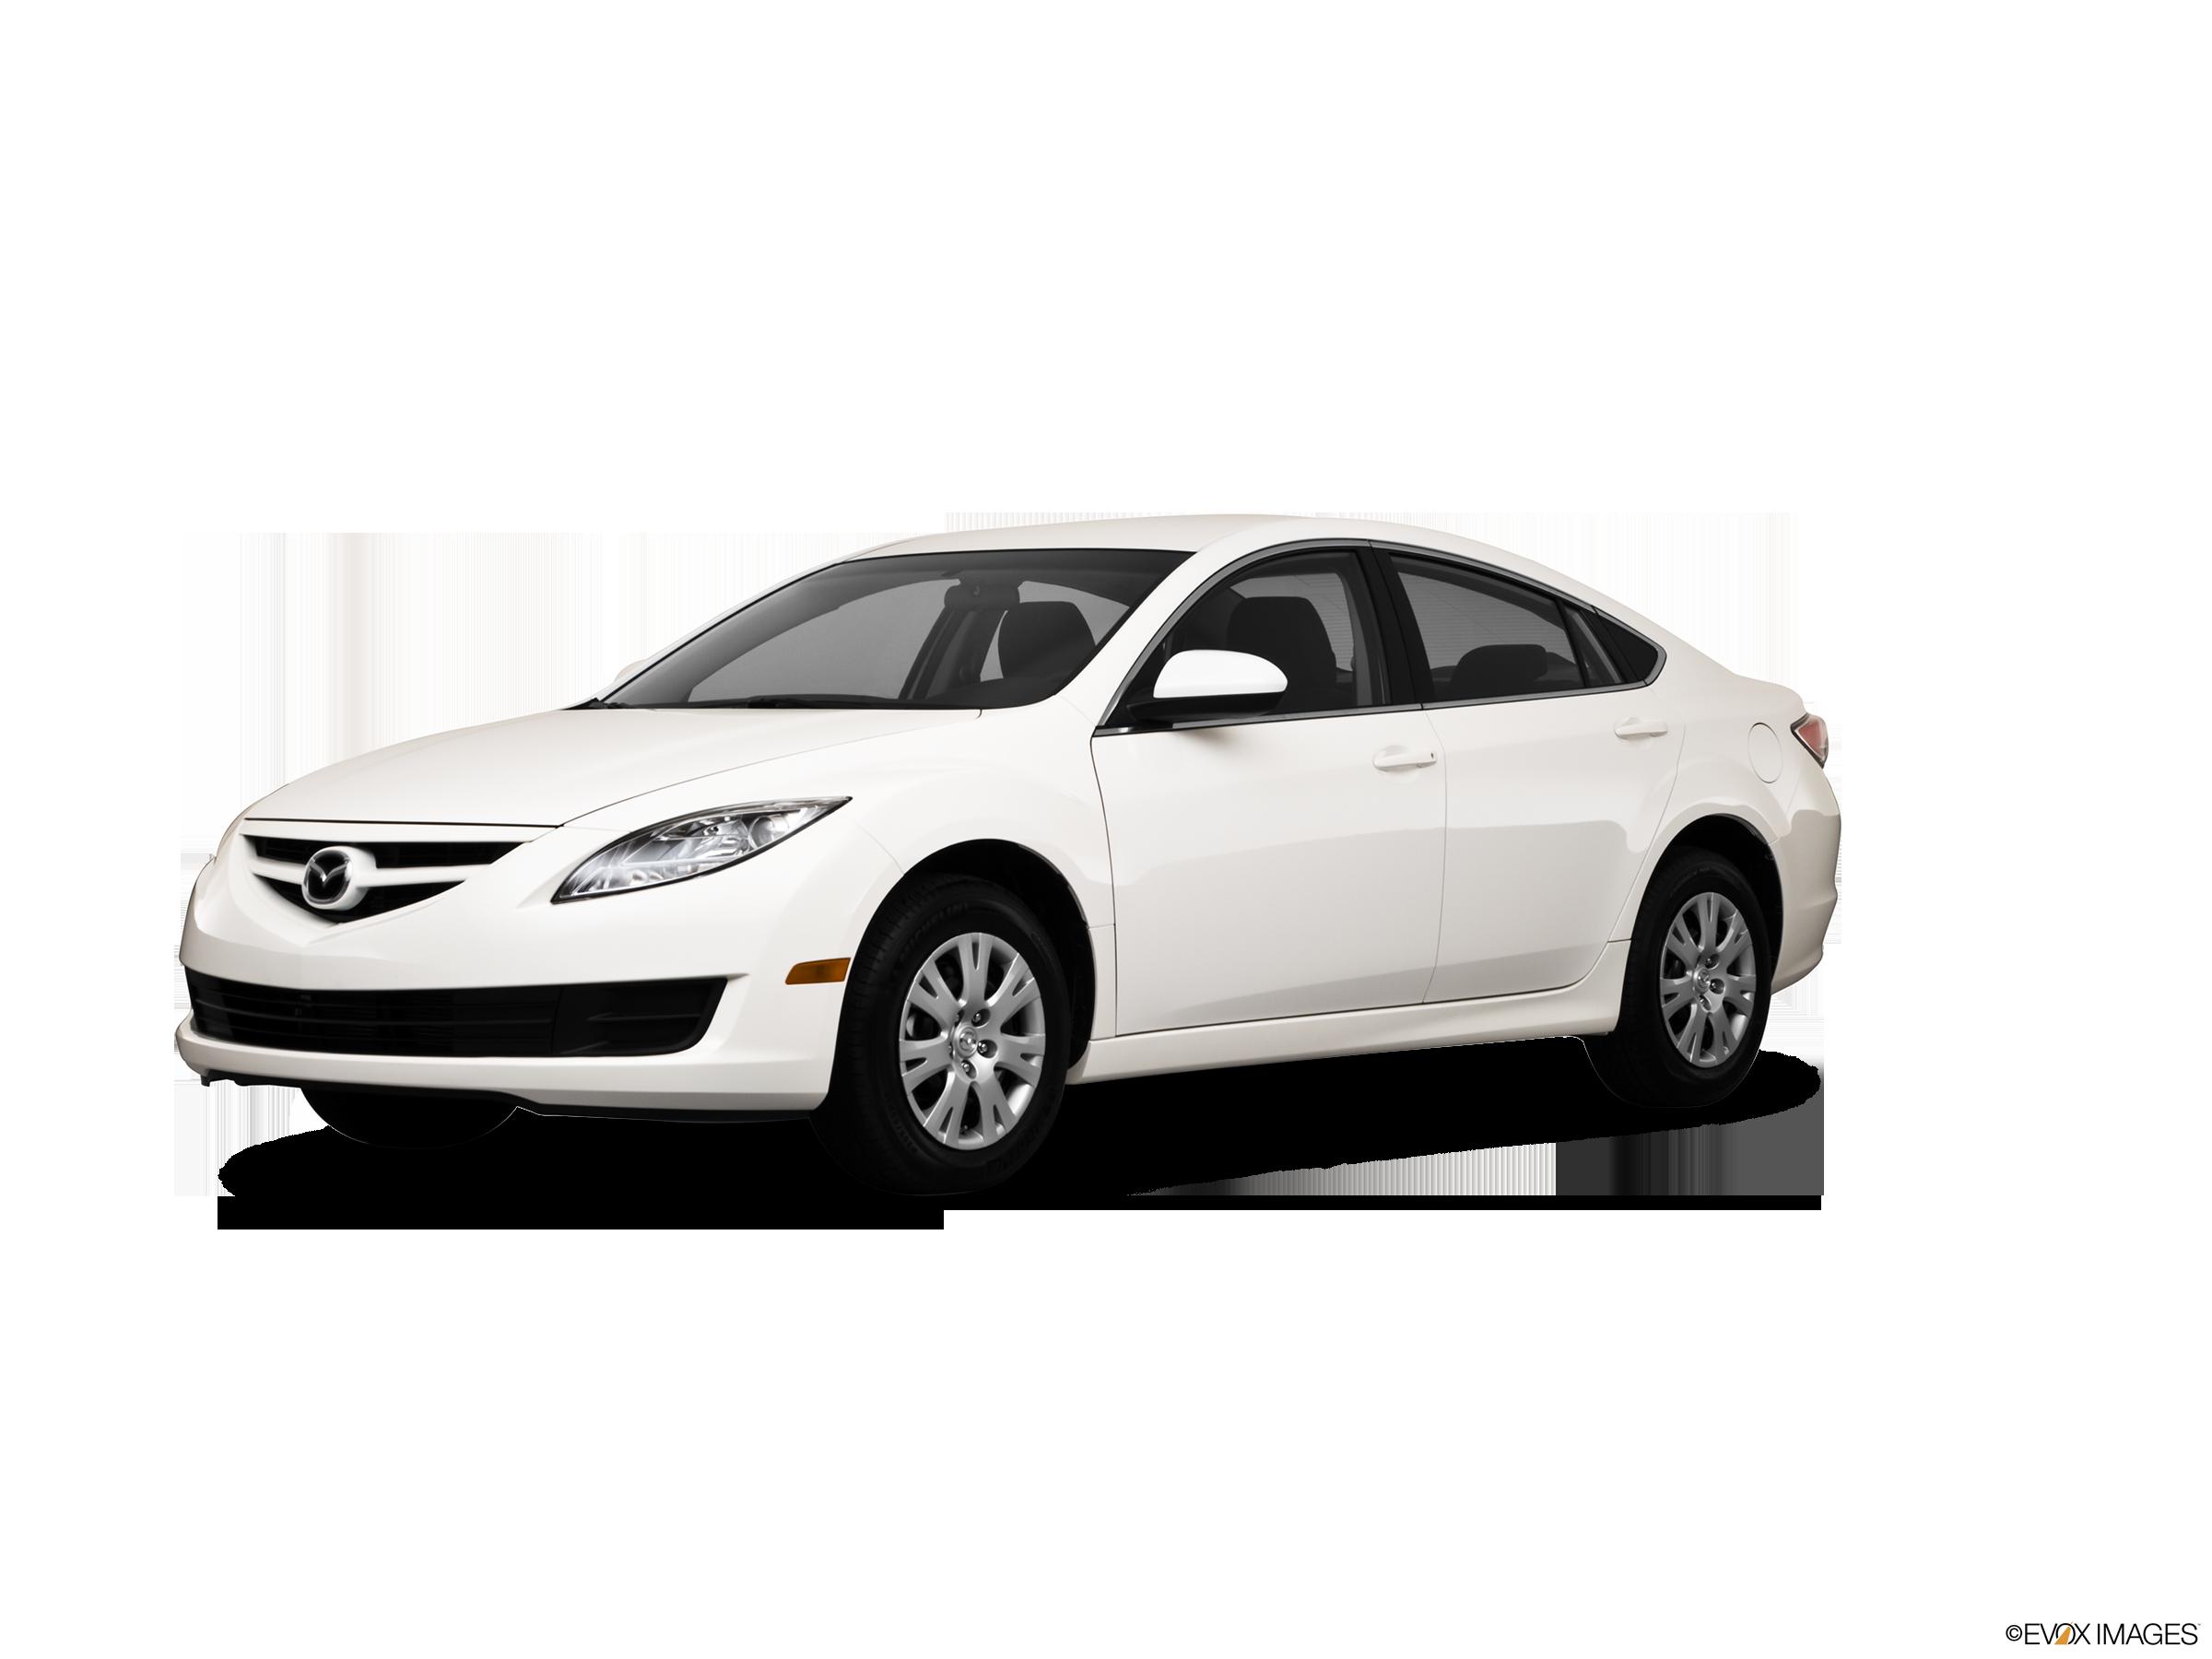 Kelebihan Mazda 6 2010 Top Model Tahun Ini